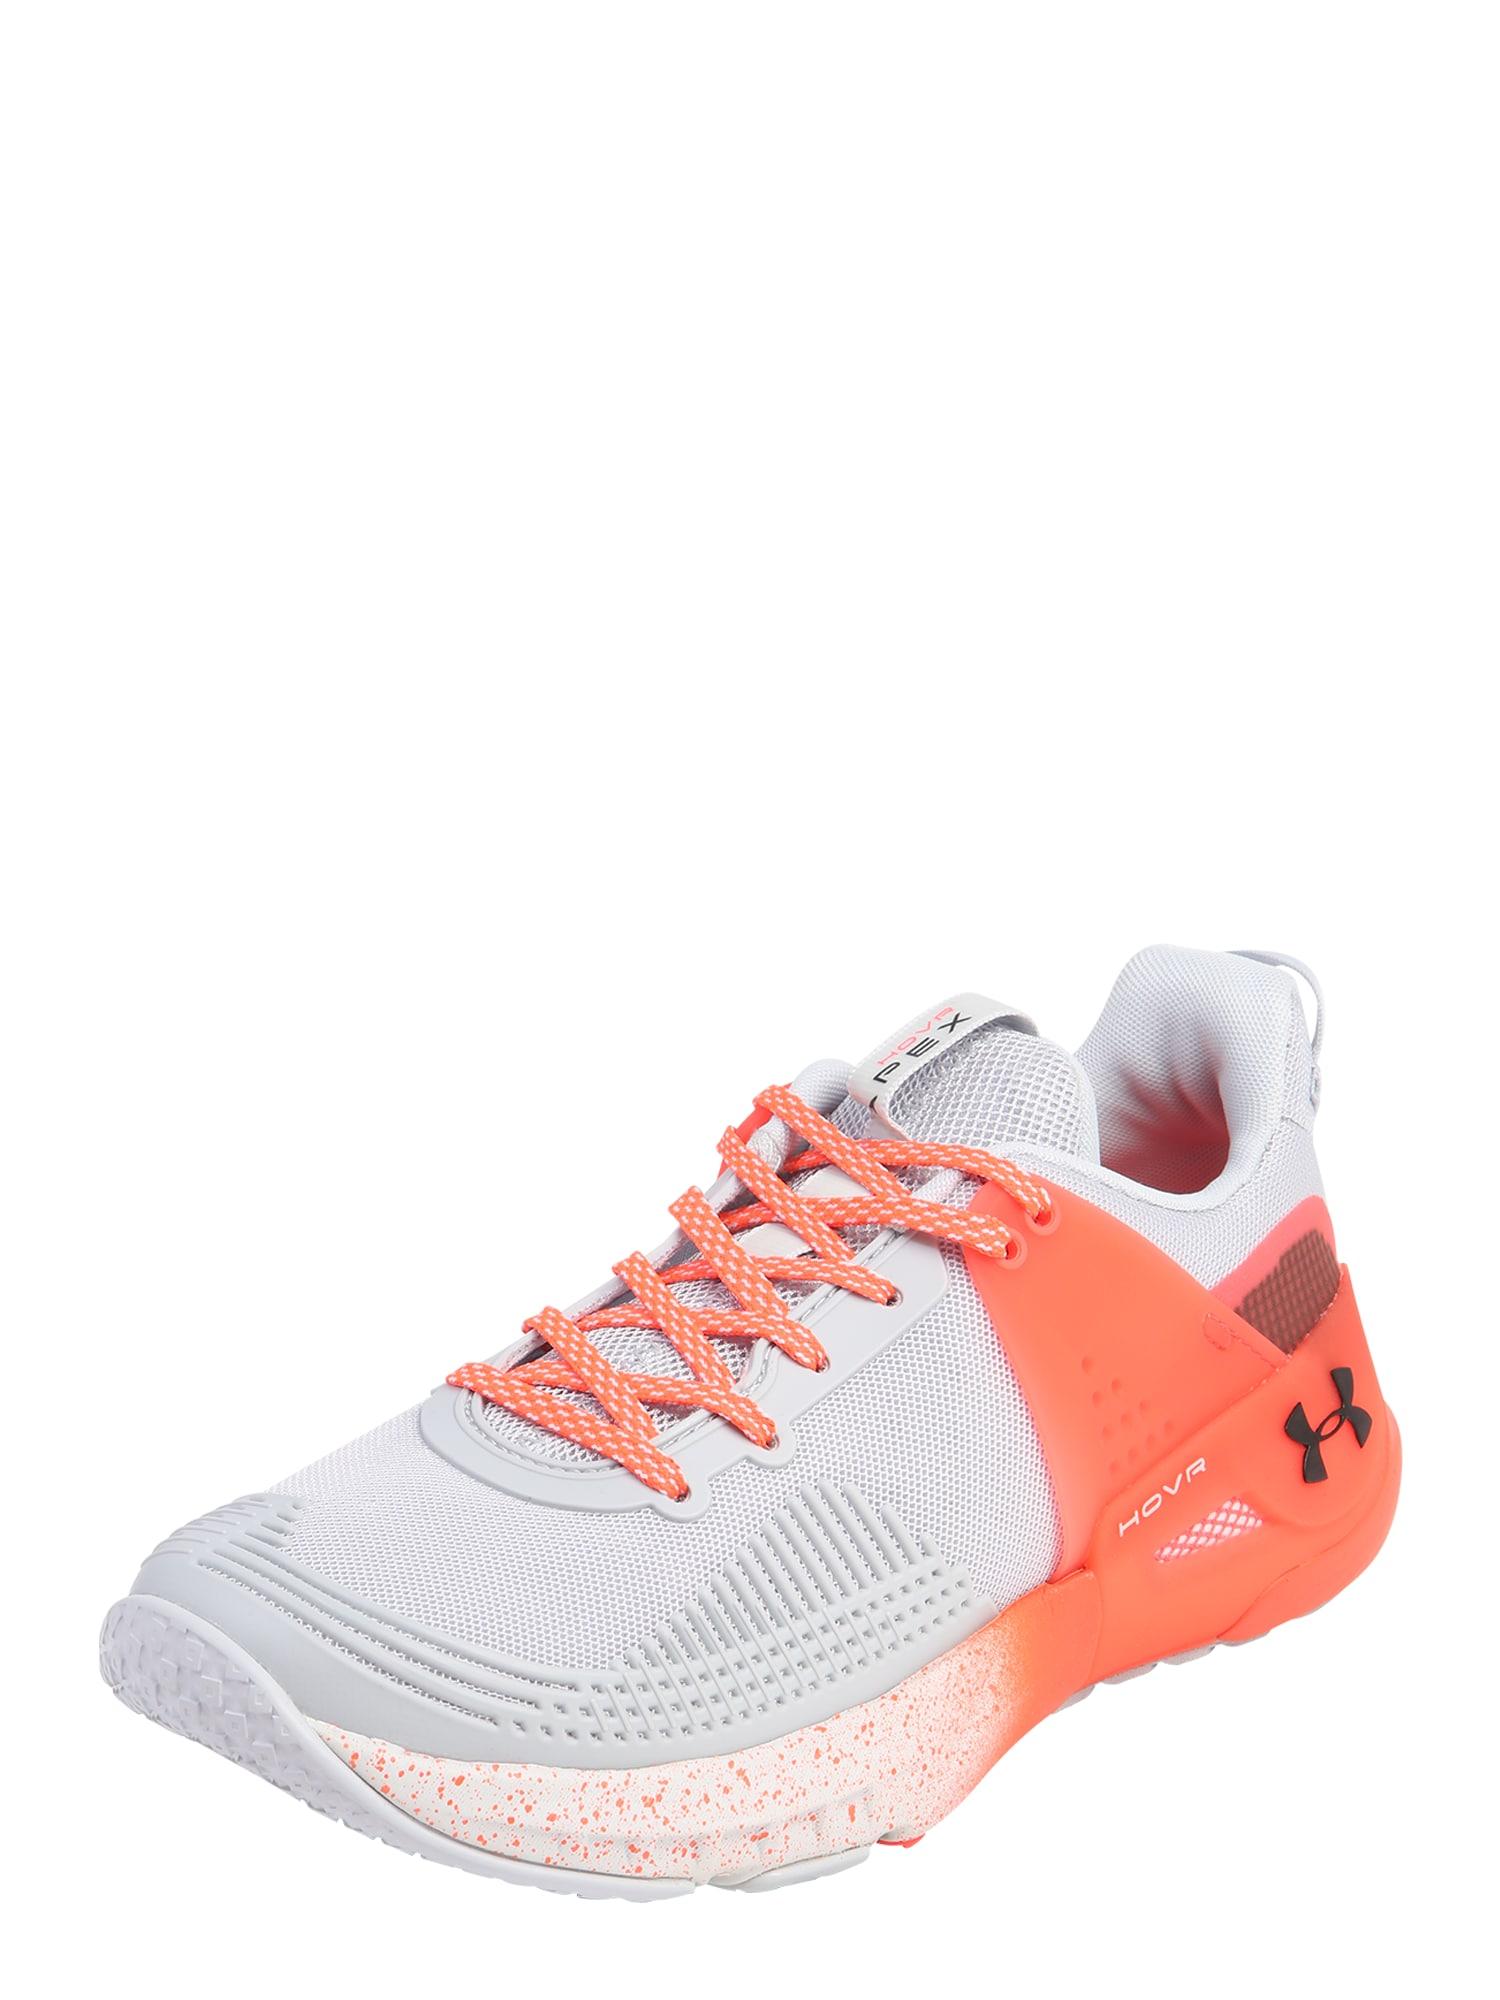 UNDER ARMOUR Sportiniai batai 'UA W HOVR Apex' koralų splava / balta